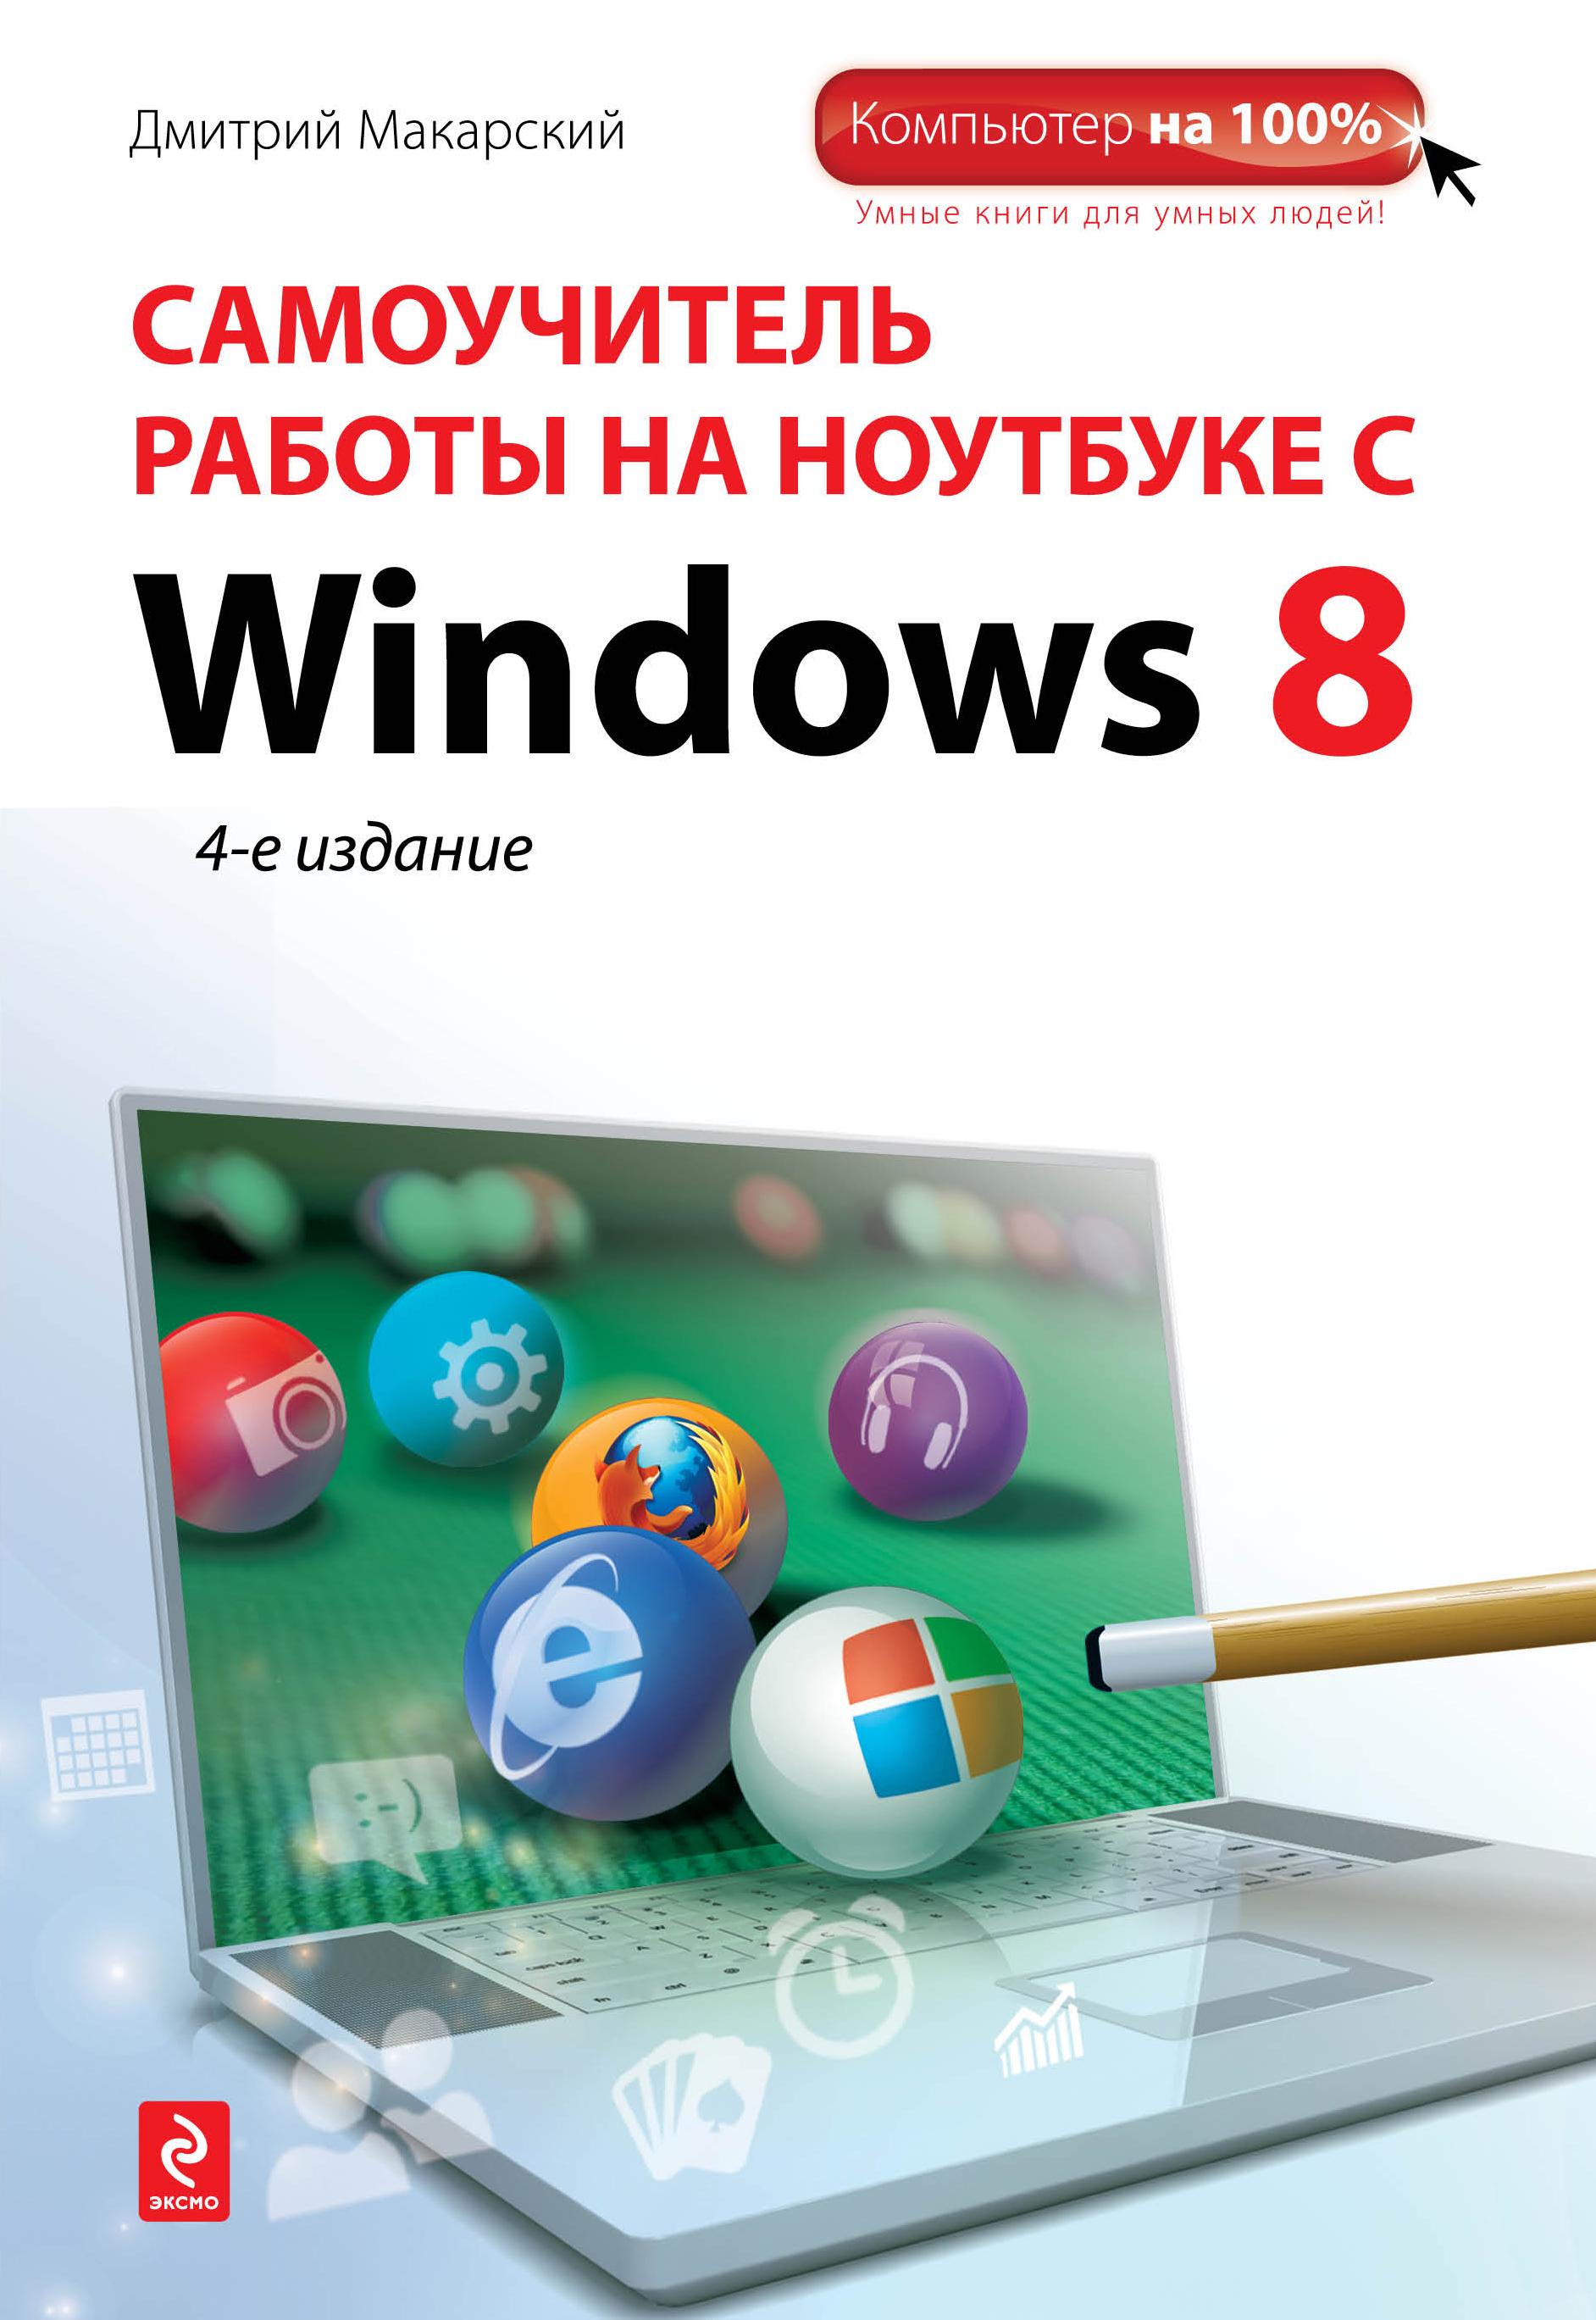 ����������� ������ �� �������� � Windows 8